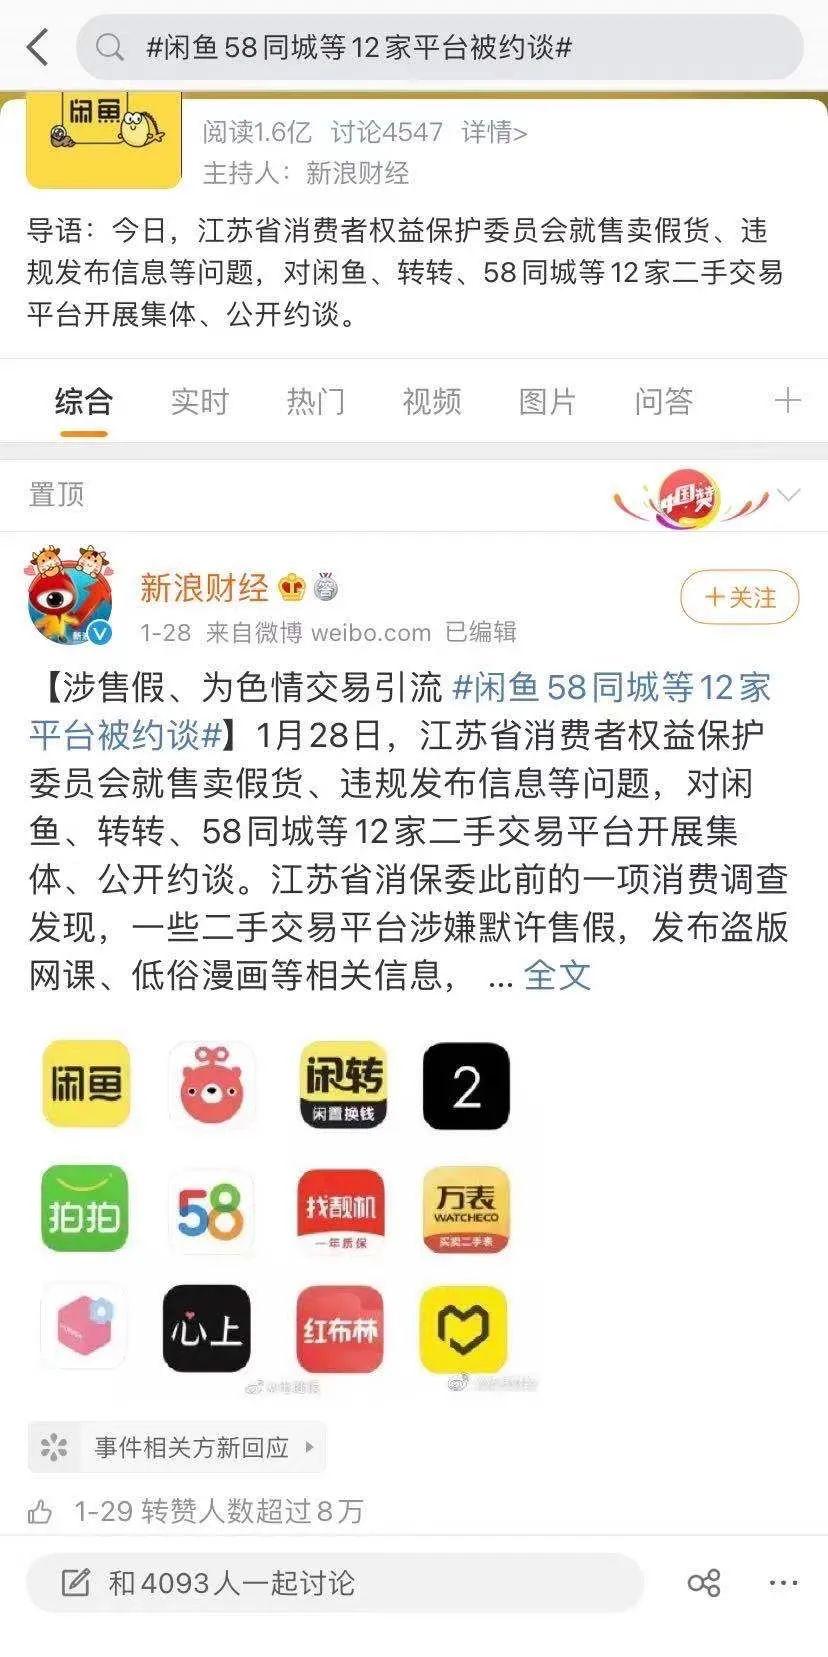 涉售假违规被江苏消保委约谈,闲鱼等12家二手平台提交优化方案